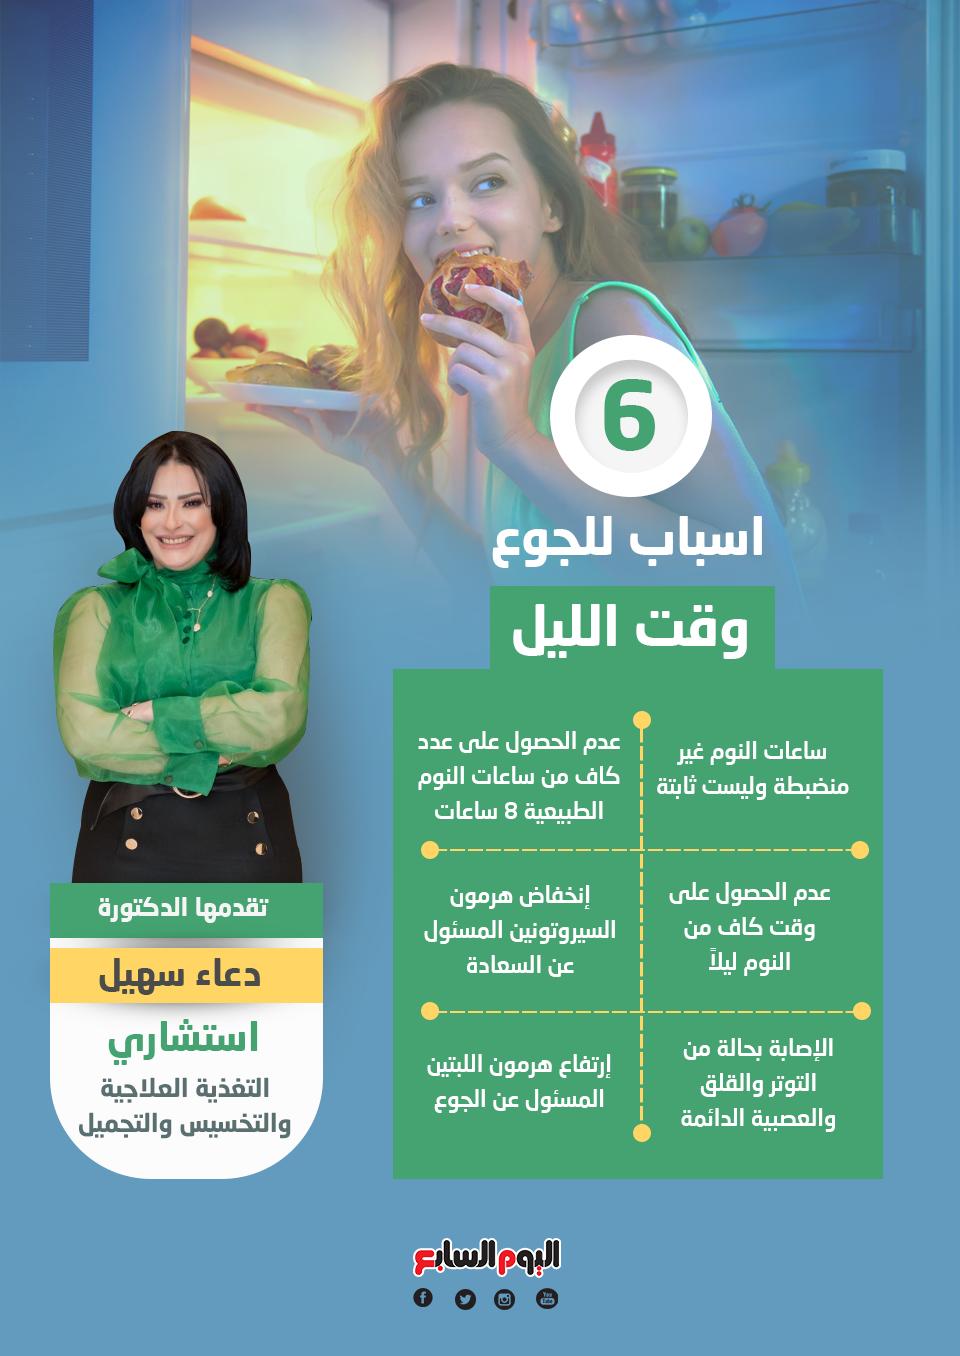 6 اسباب للجوع وقت الليل